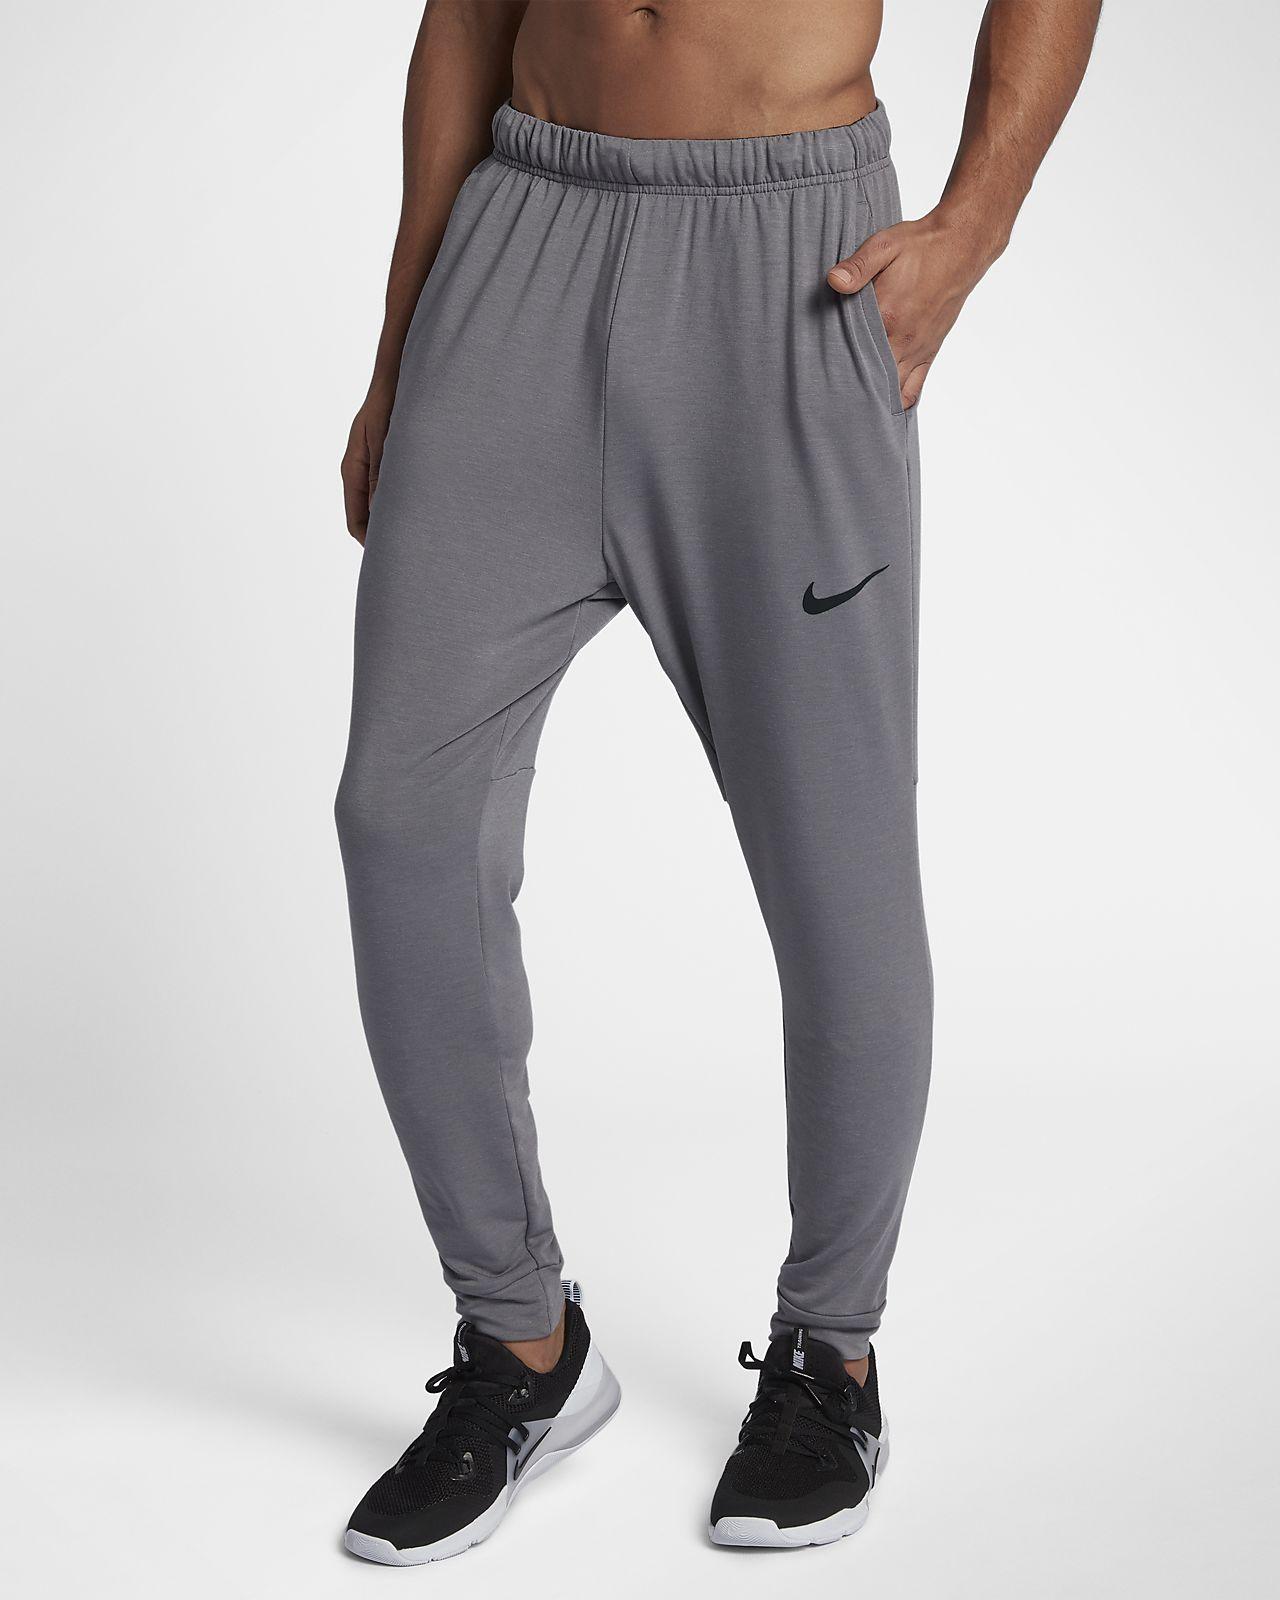 fbc50e2b48fb8 Nike Dri-FIT Men's Training Trousers. Nike.com NO